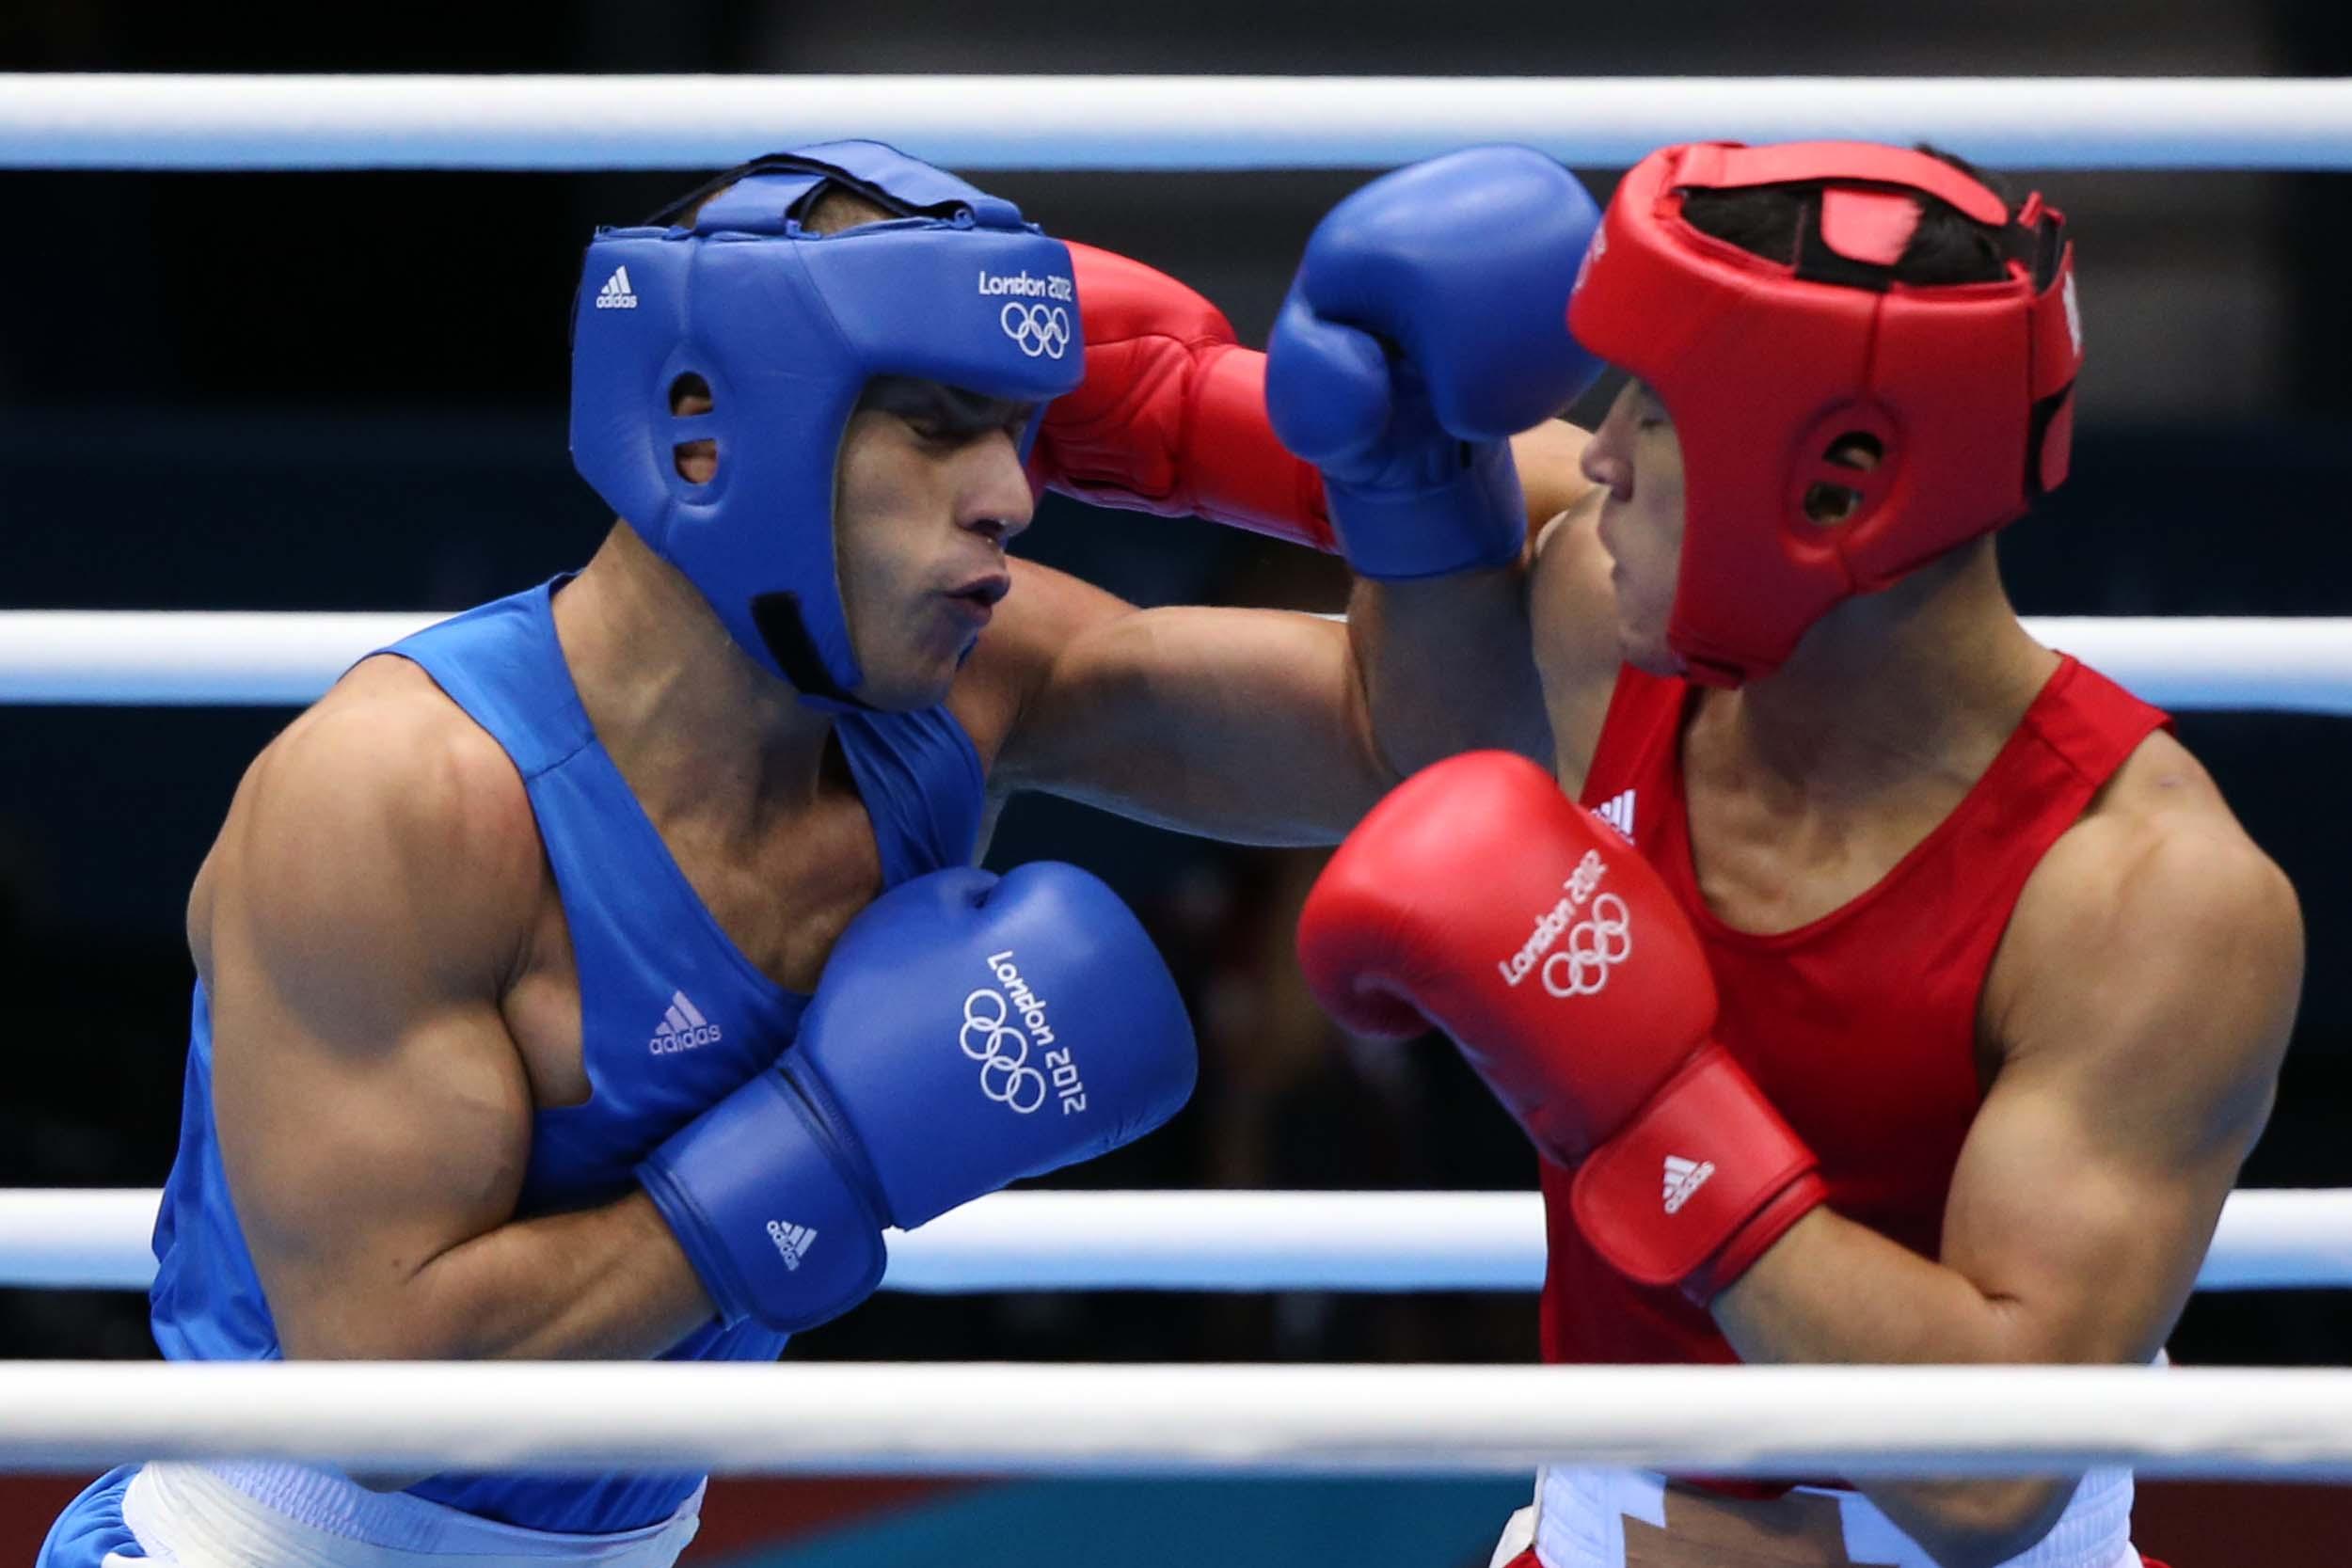 بوکسور جوان ایذهای در راه مسابقات قهرمانی آسیا